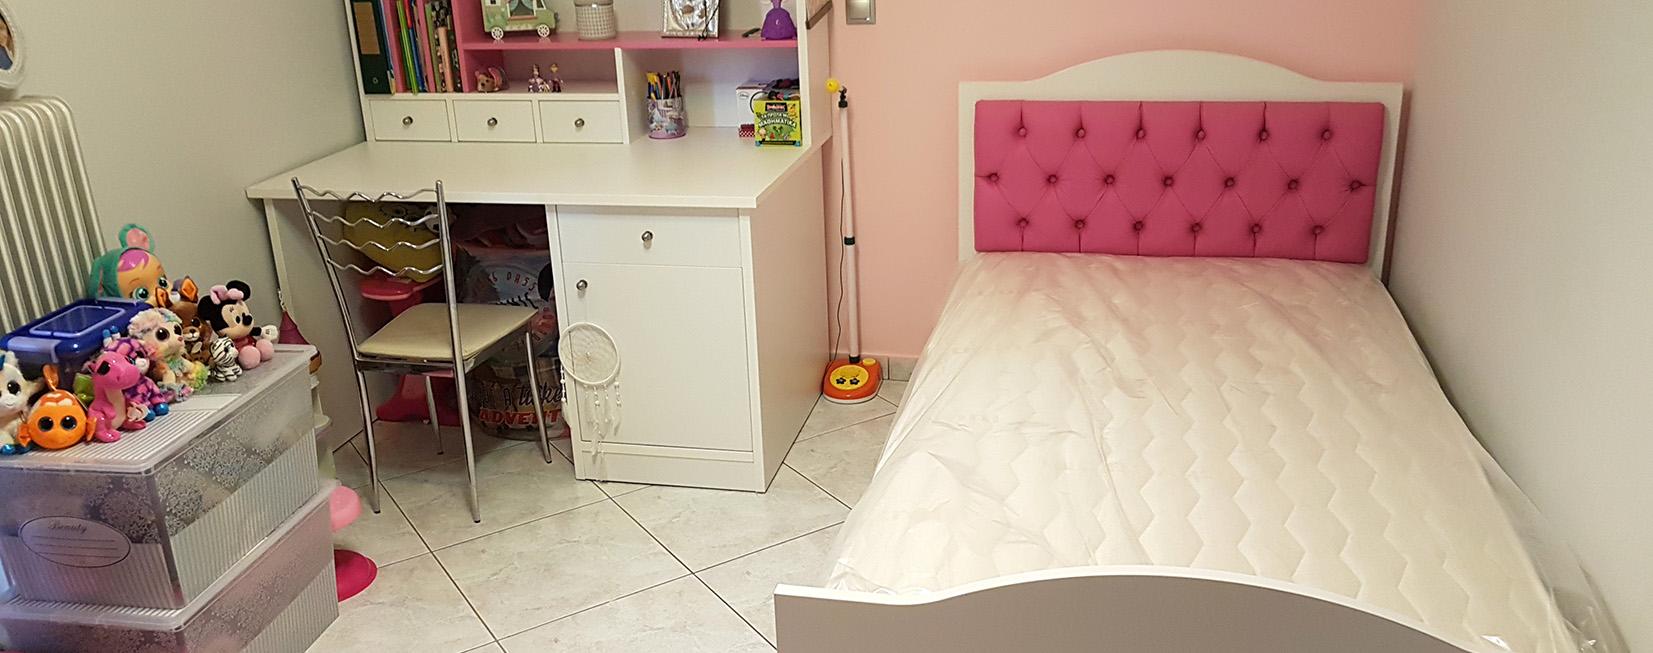 κόντος παιδικό δωμάτιο